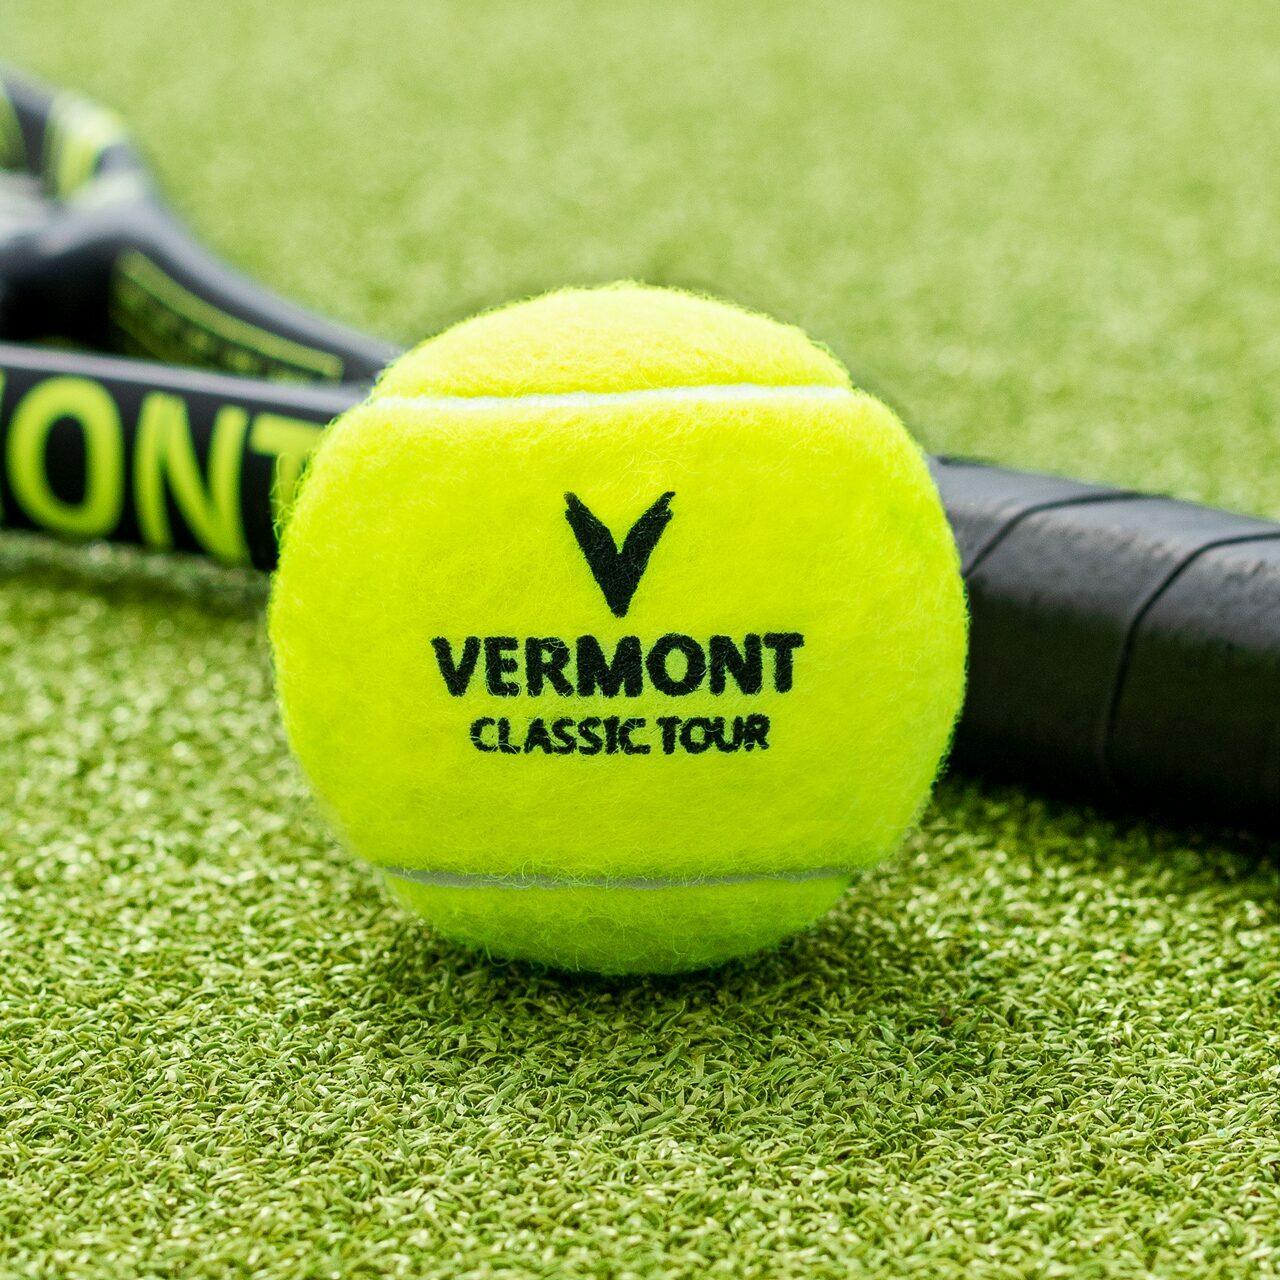 Professionele Tennisballen voor alle tennisterreinen | Vermont Classic Tour Tennisballen